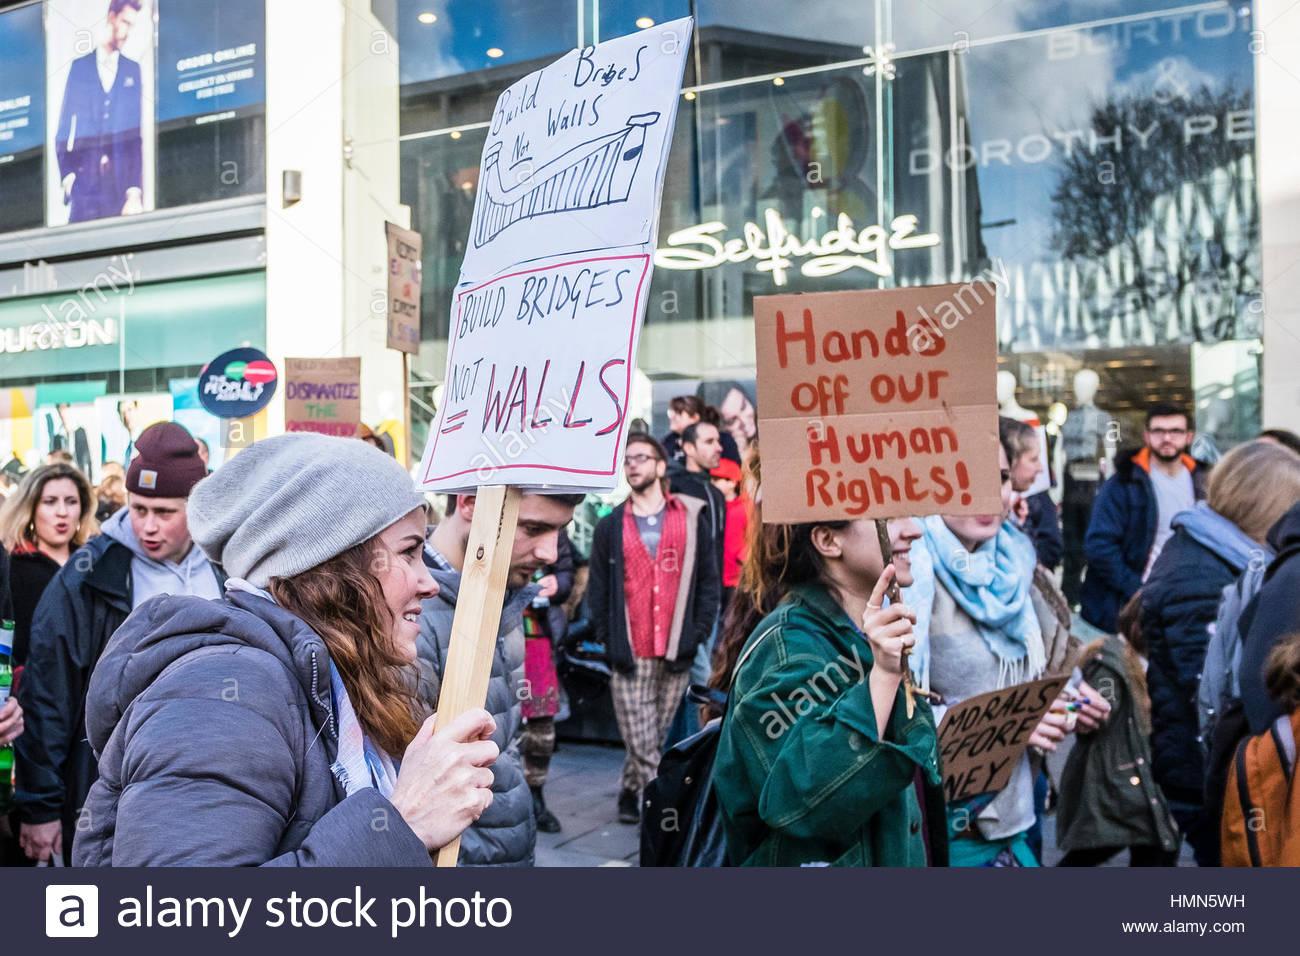 Bristol, UK - 4. Februar 2017: Menschenmassen Welle Bannern zugunsten der Menschenrechte und marschieren durch die Stockbild